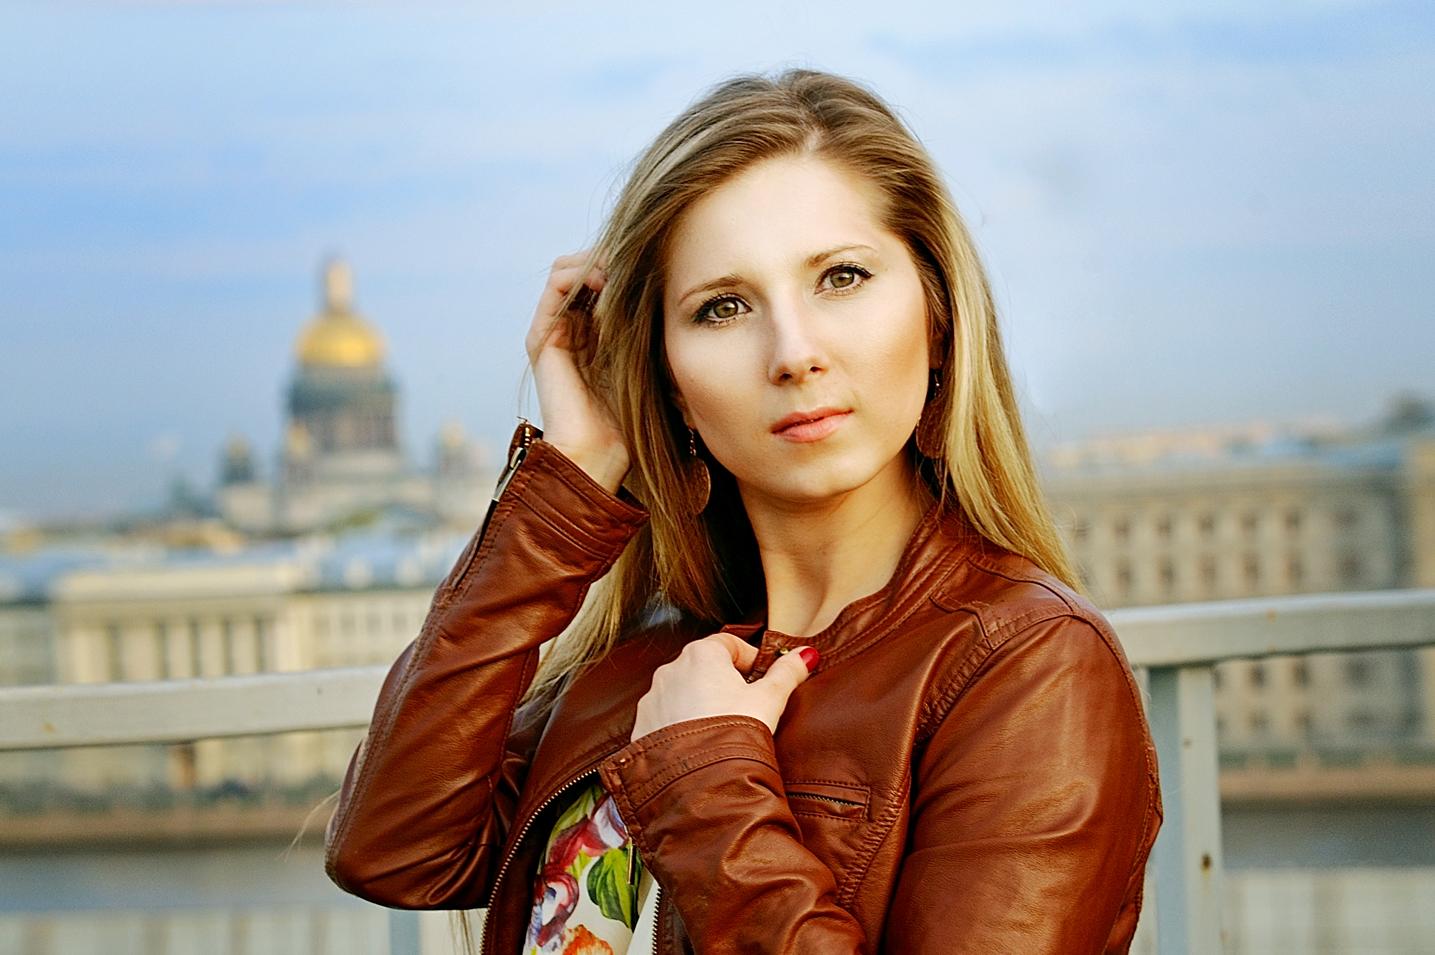 Прогулка и фотосессия в центре Санкт-Петербурга.